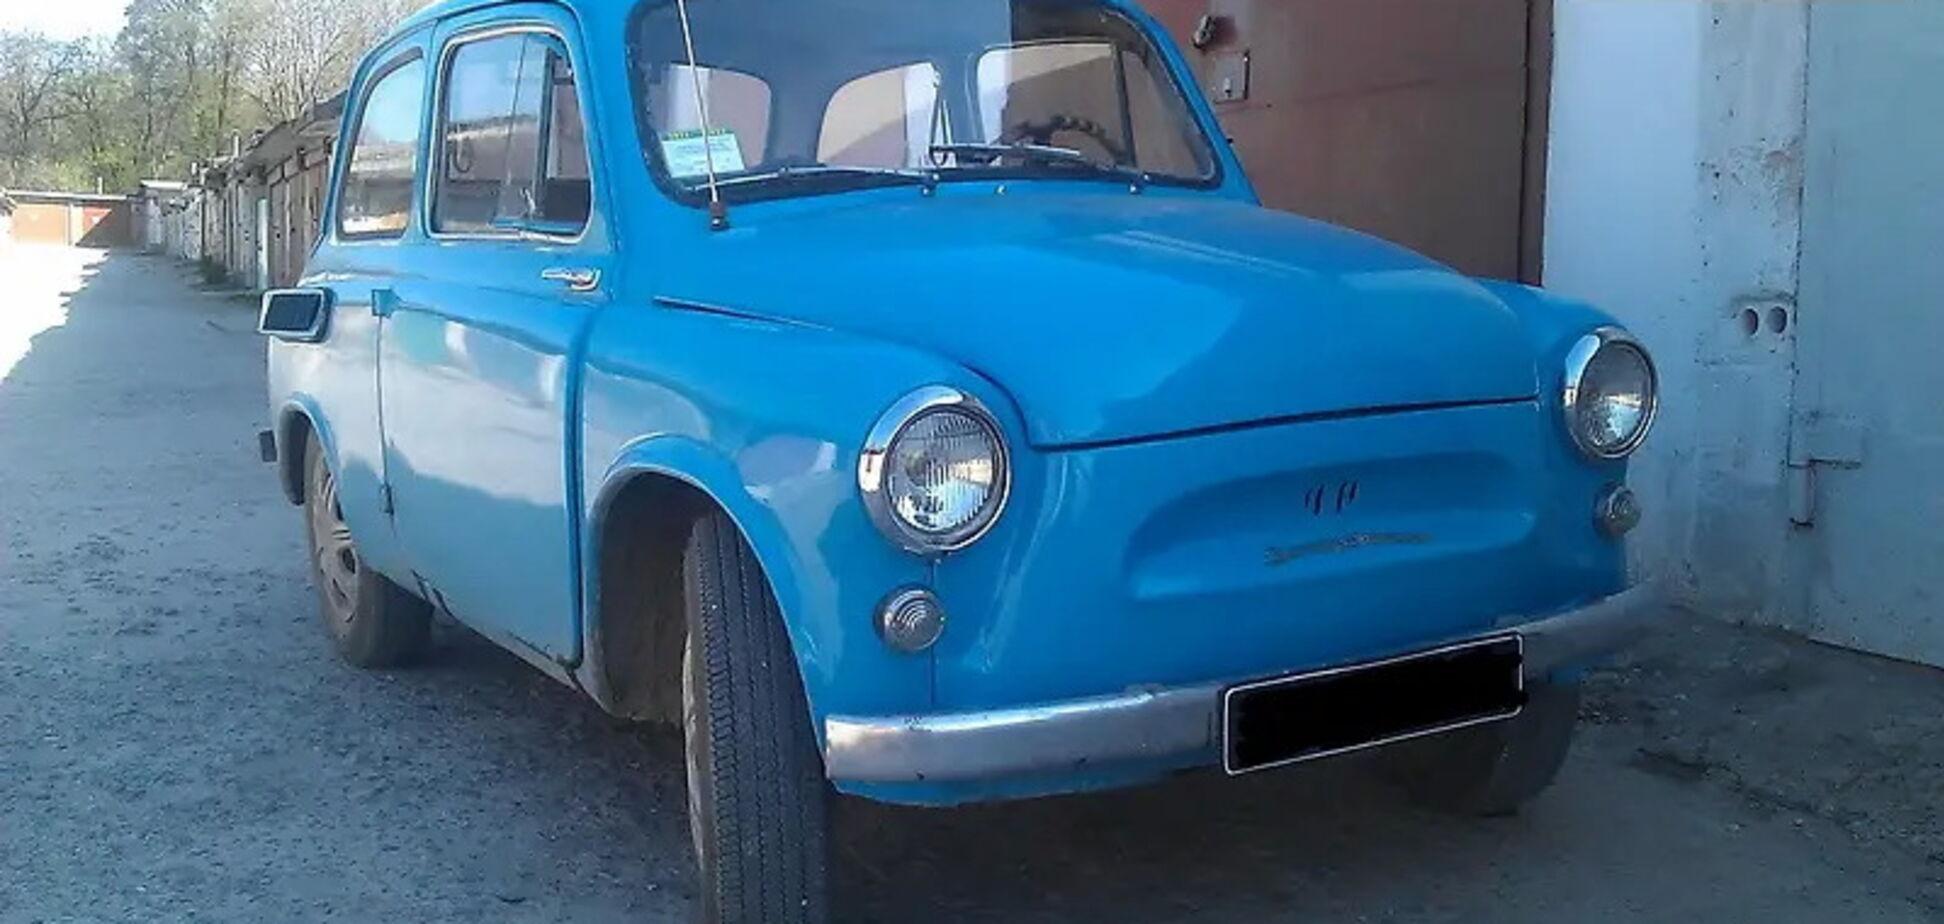 Тисяча доларів за кілометр: в Україні продають ЗАЗ-965 за солідну суму